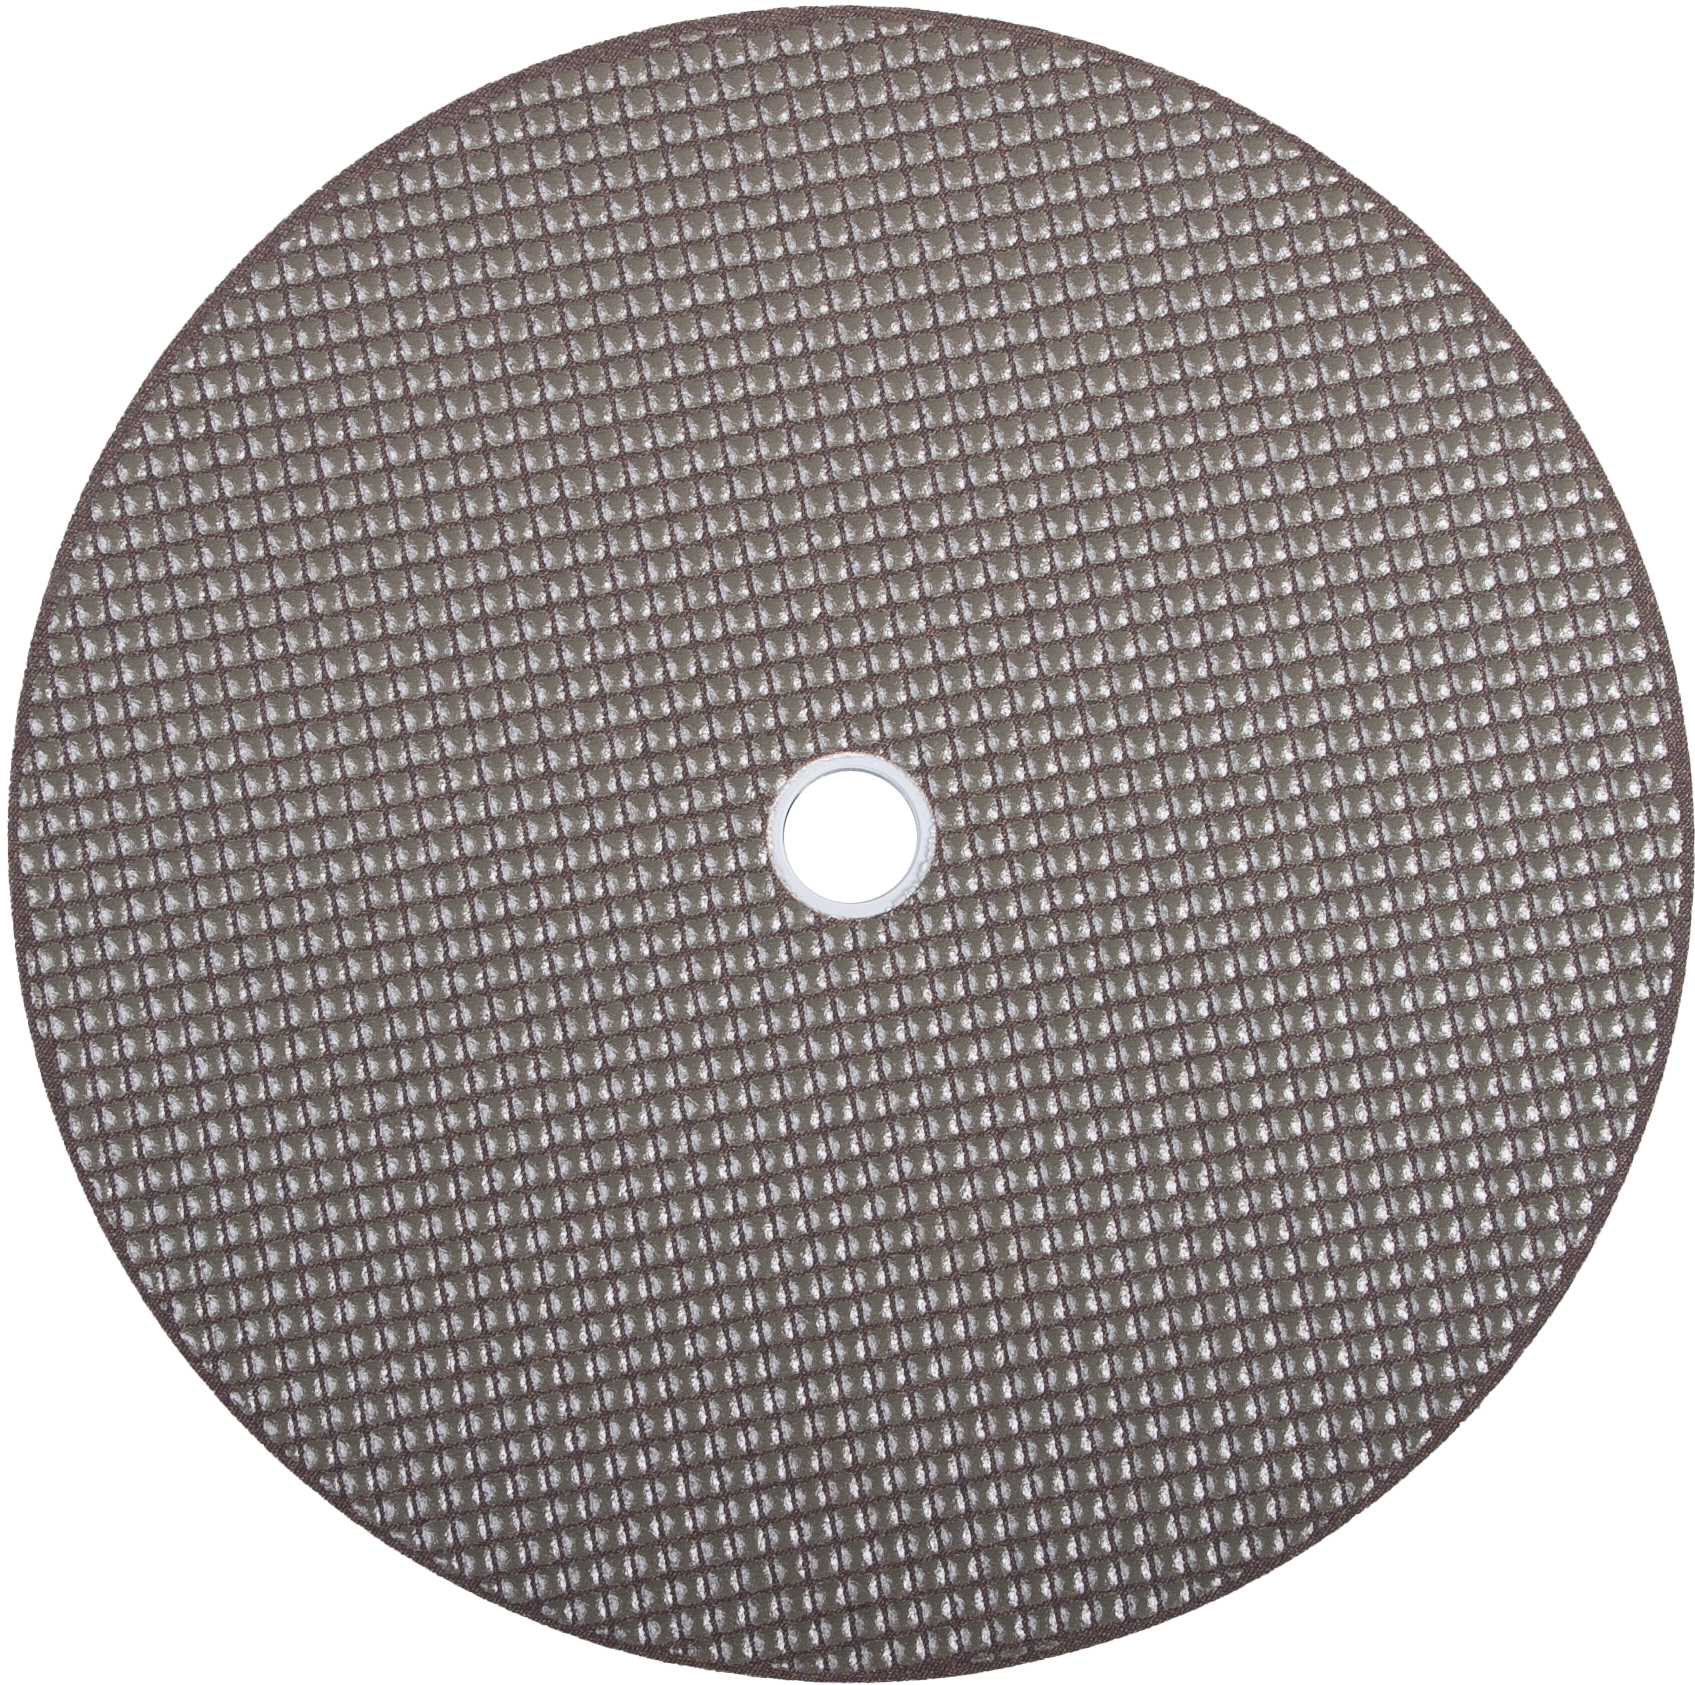 Diamantschleifteller OCTRON ø 250 mm | Klett | Korn 100